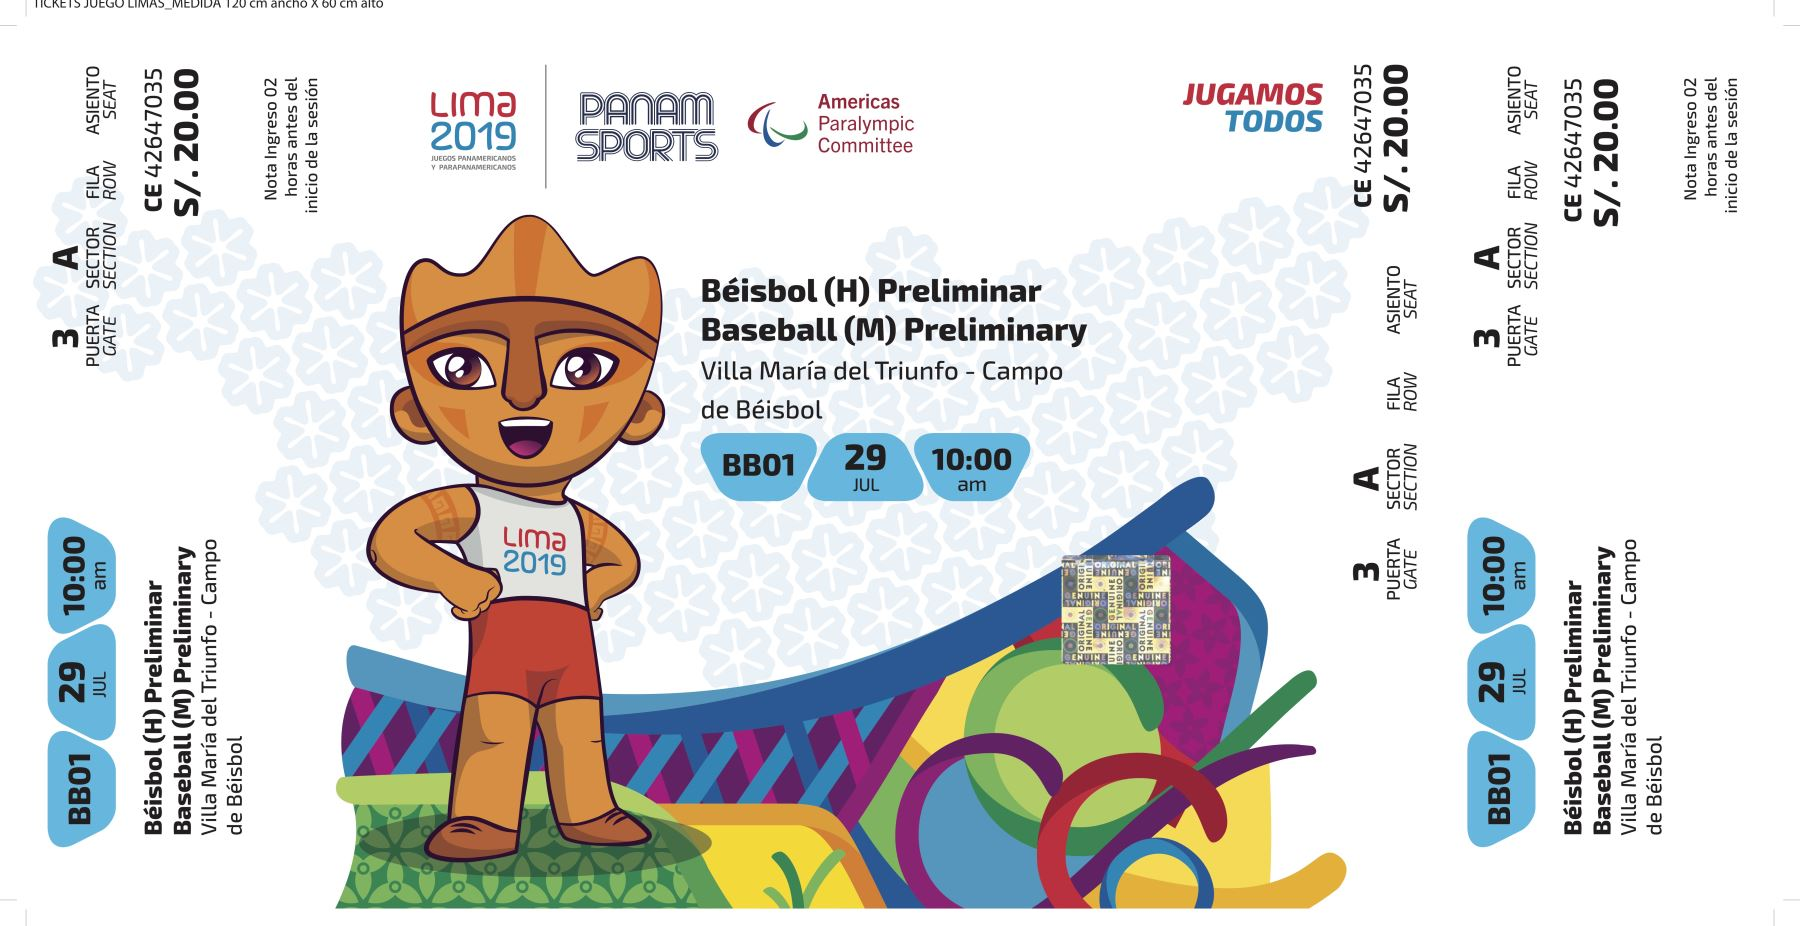 Este es el modelo de entrada para los Juegos Panamericanos.